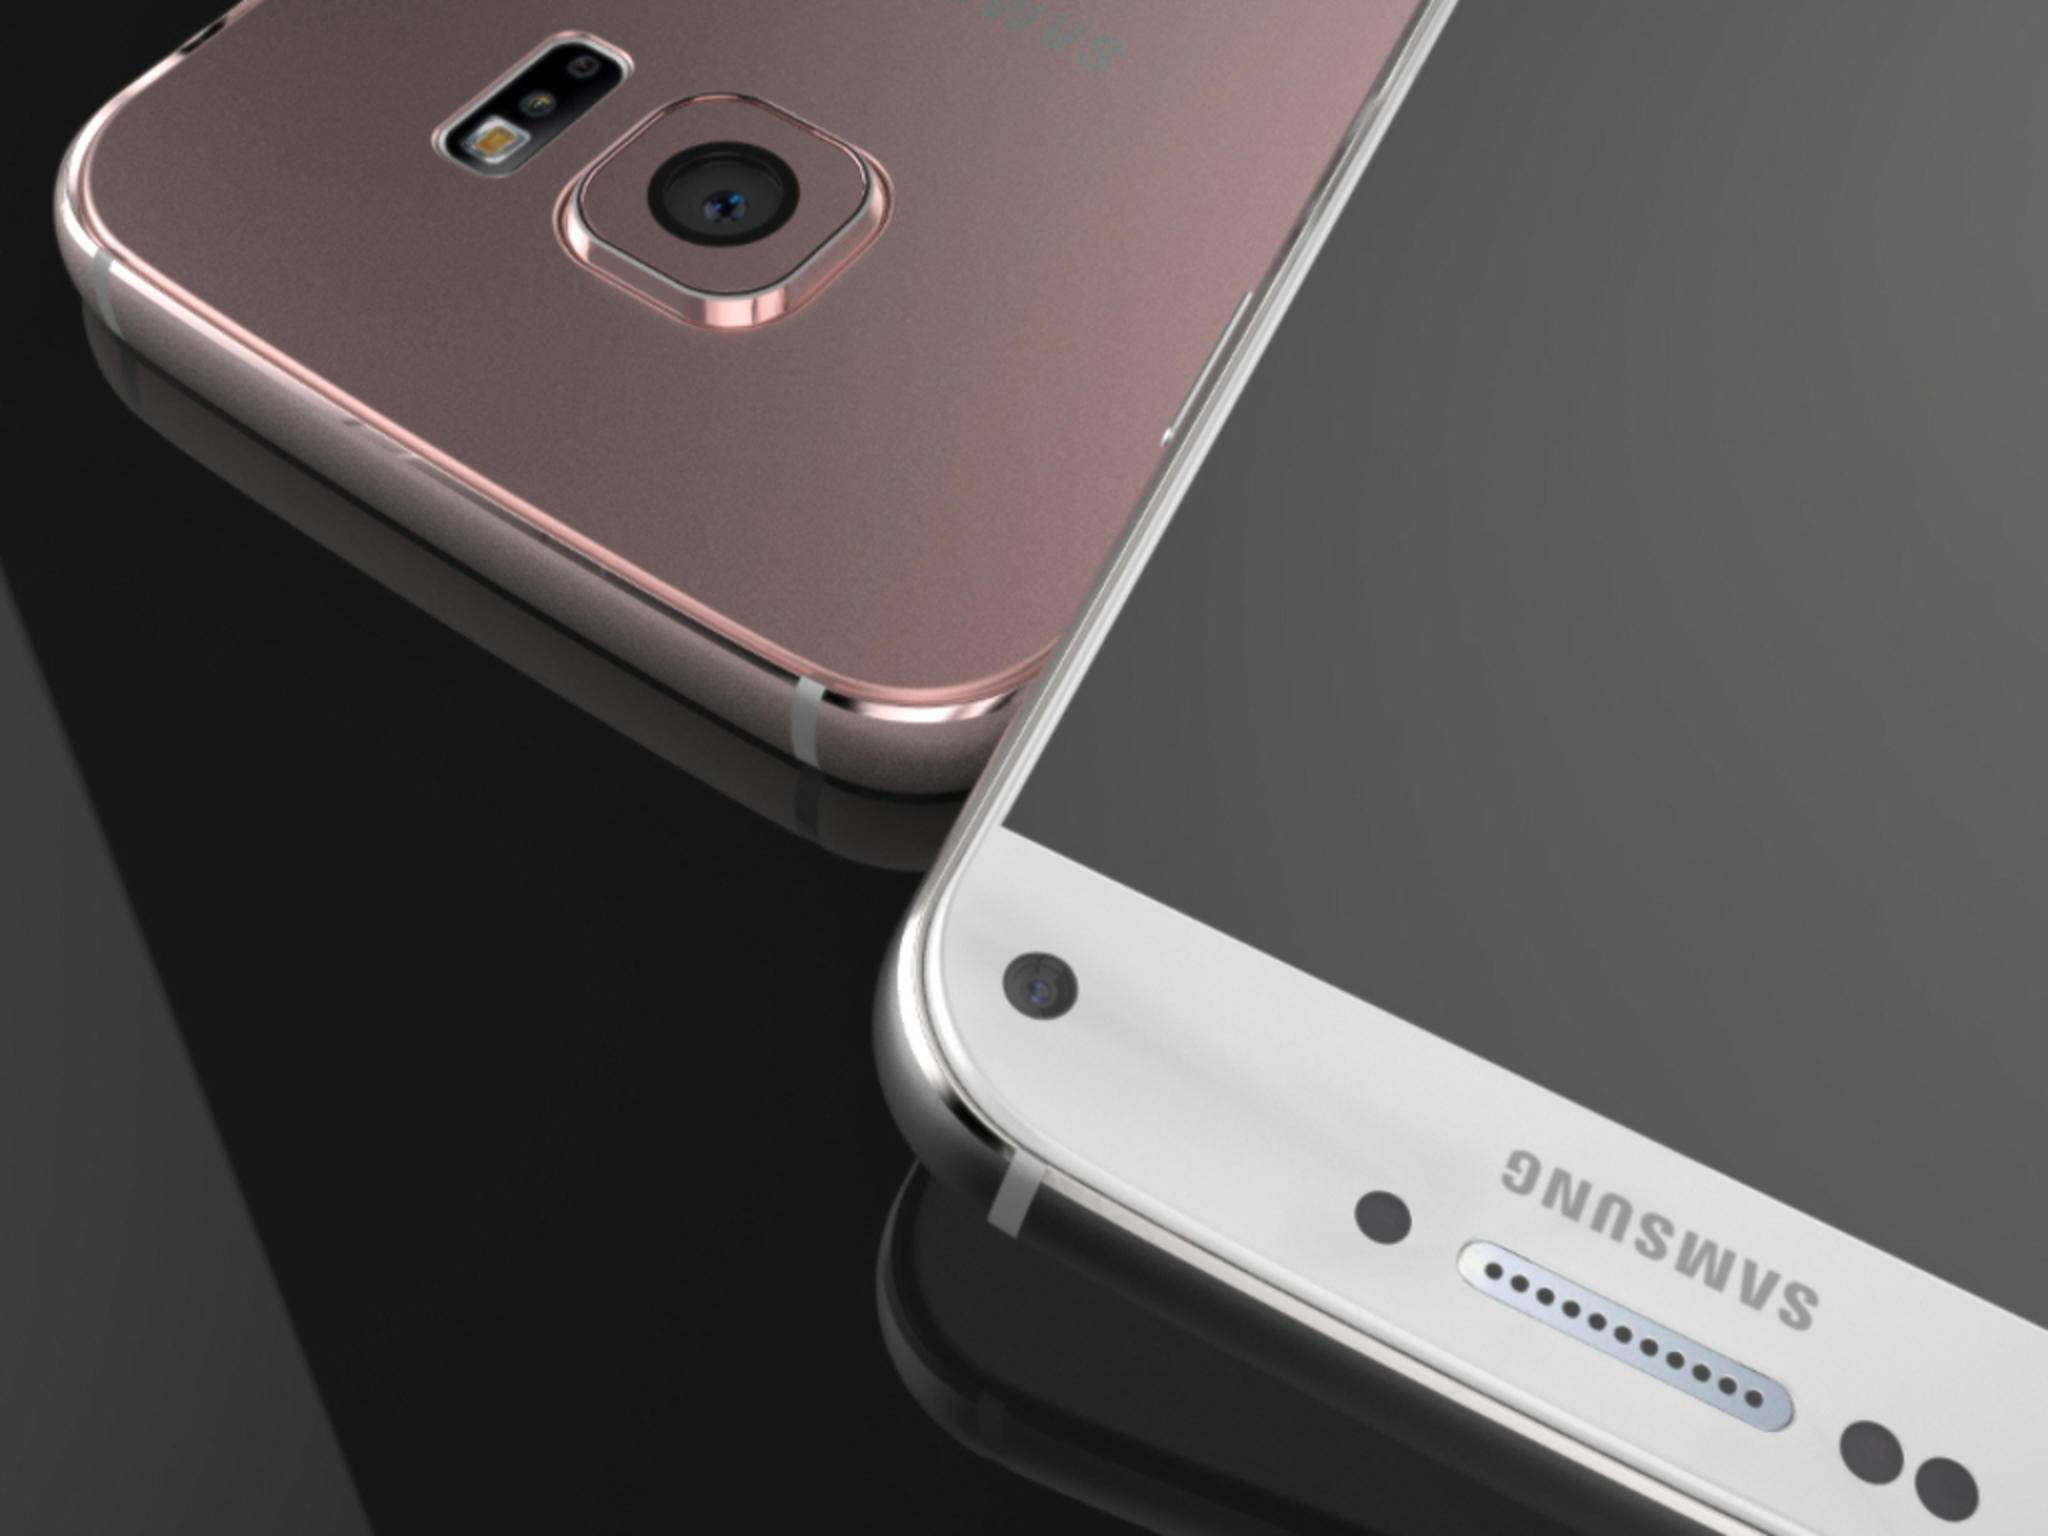 Mit dem Update-Programm sollen Käufer jedes Jahr ein neues Smartphone bekommen.